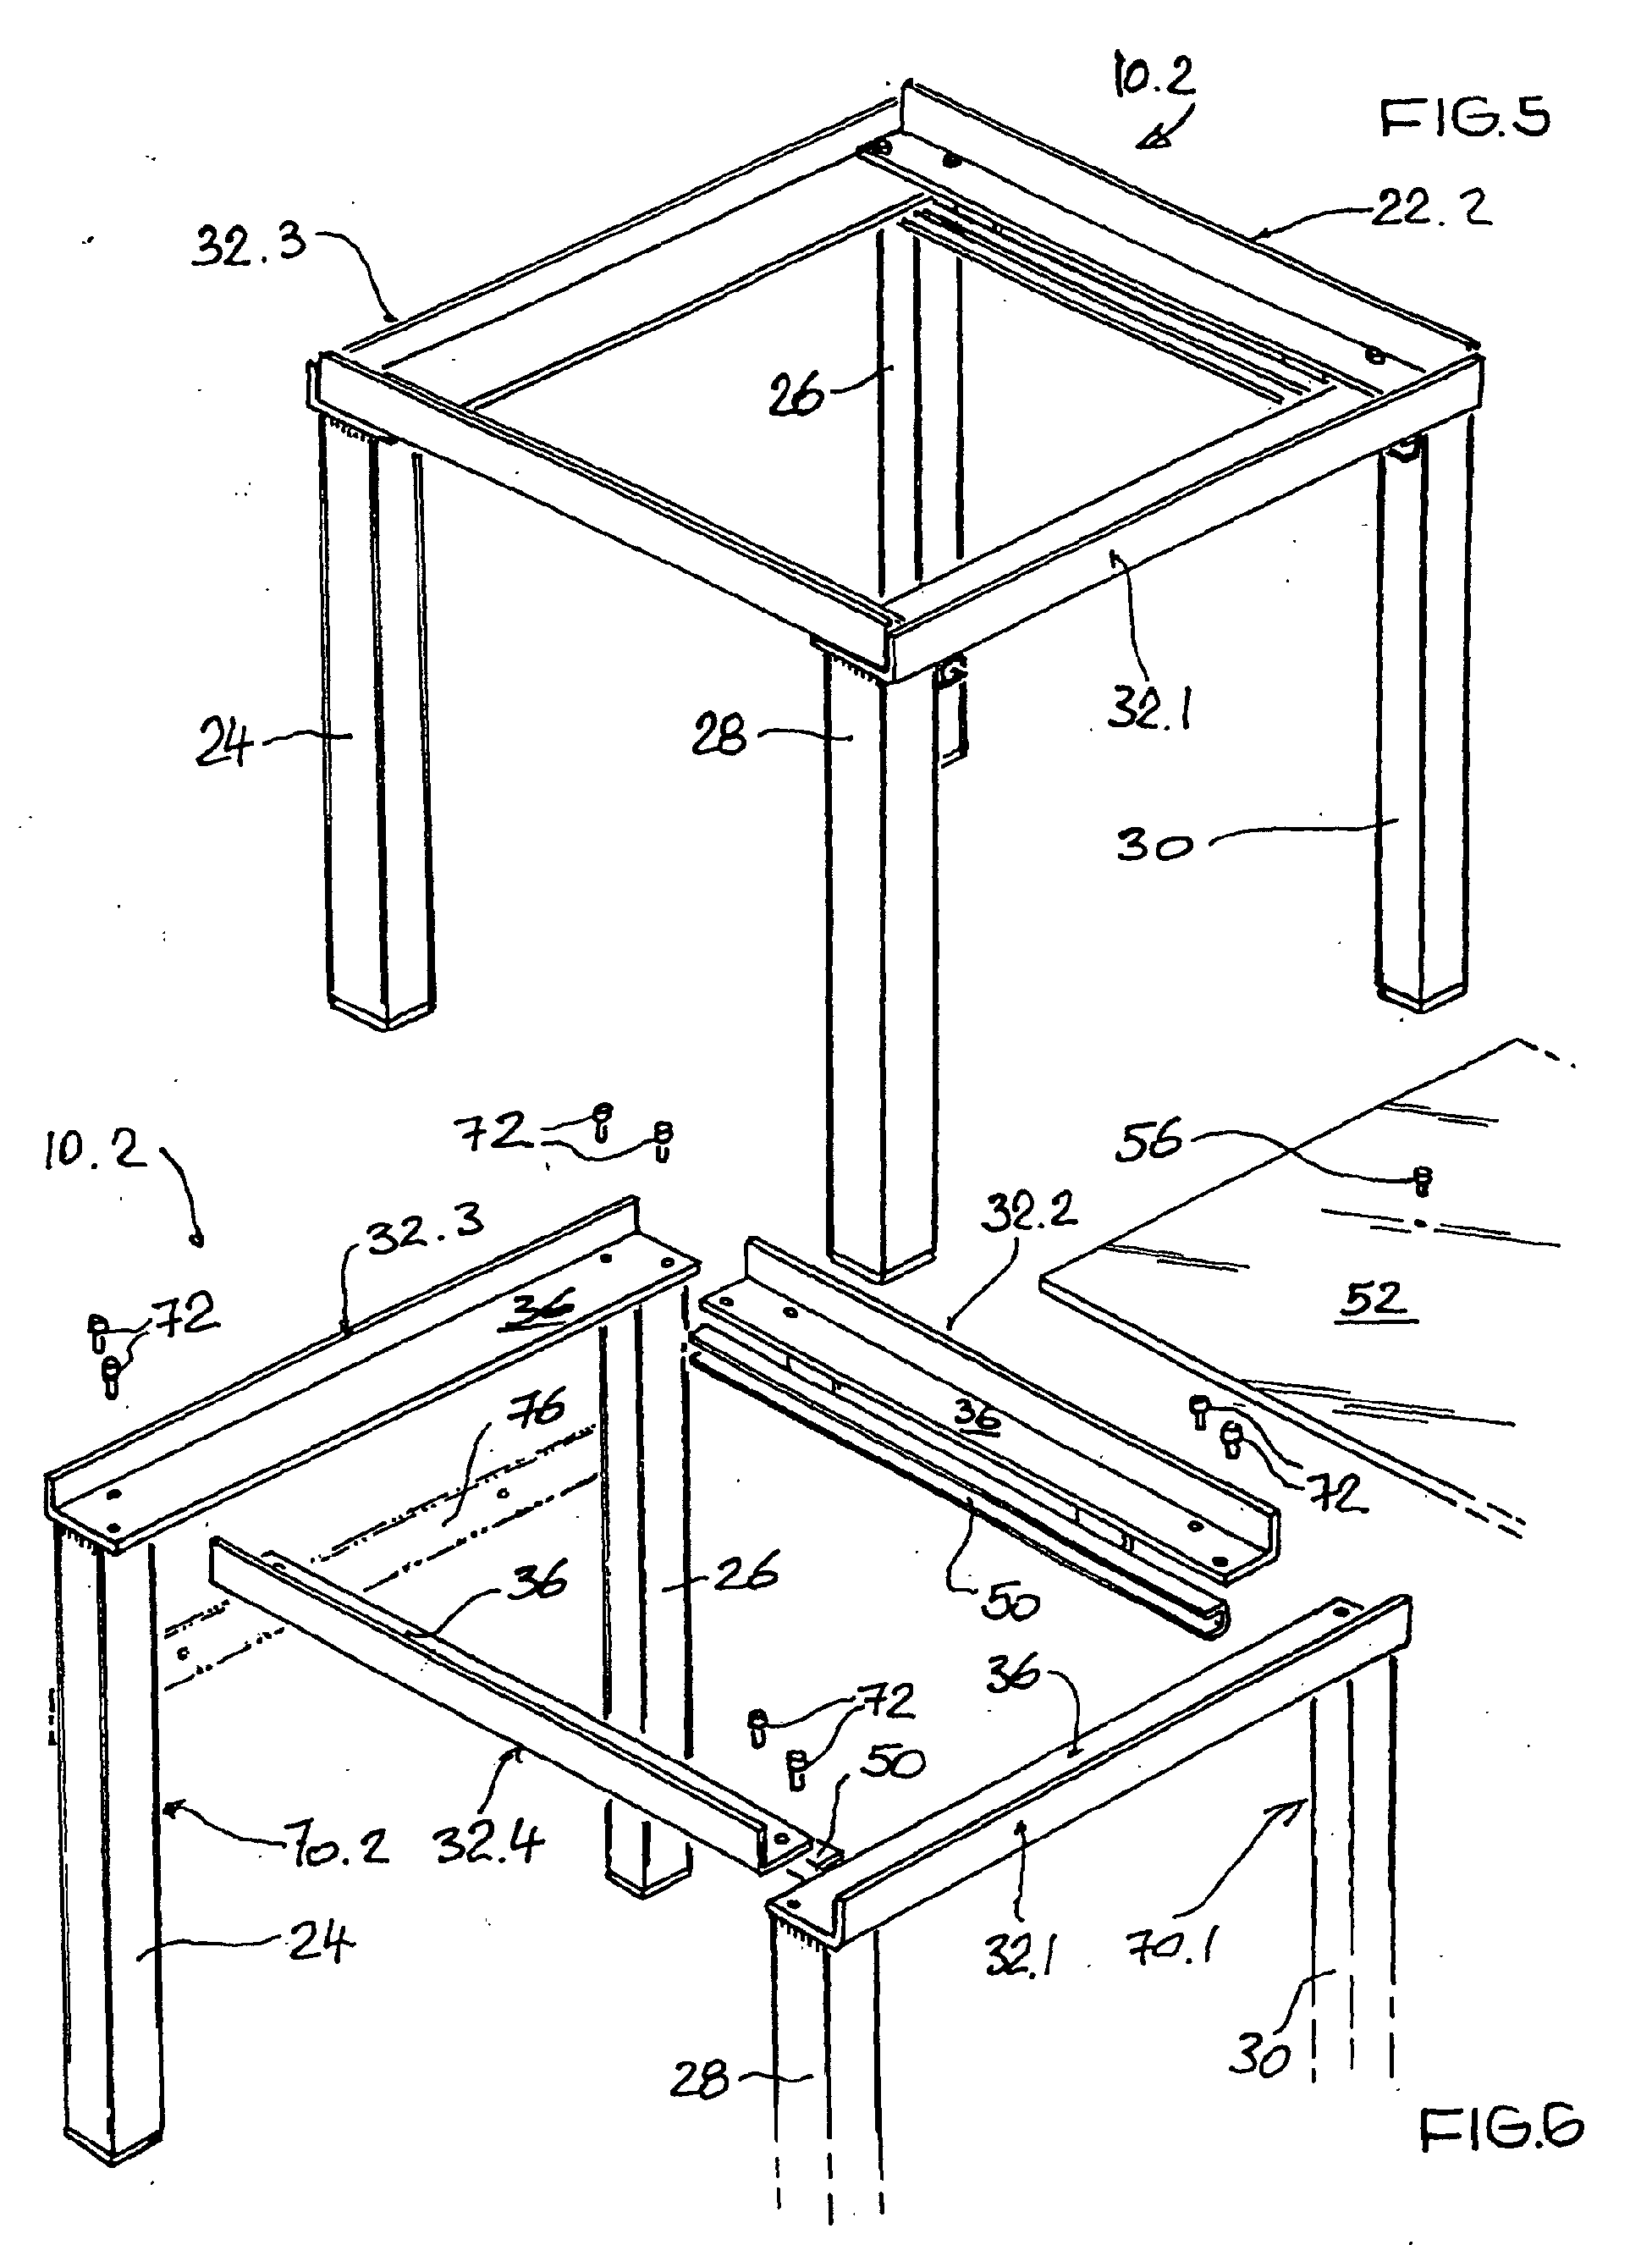 patent ep1227182a2 untergestell f r eine waschmaschine google patents. Black Bedroom Furniture Sets. Home Design Ideas